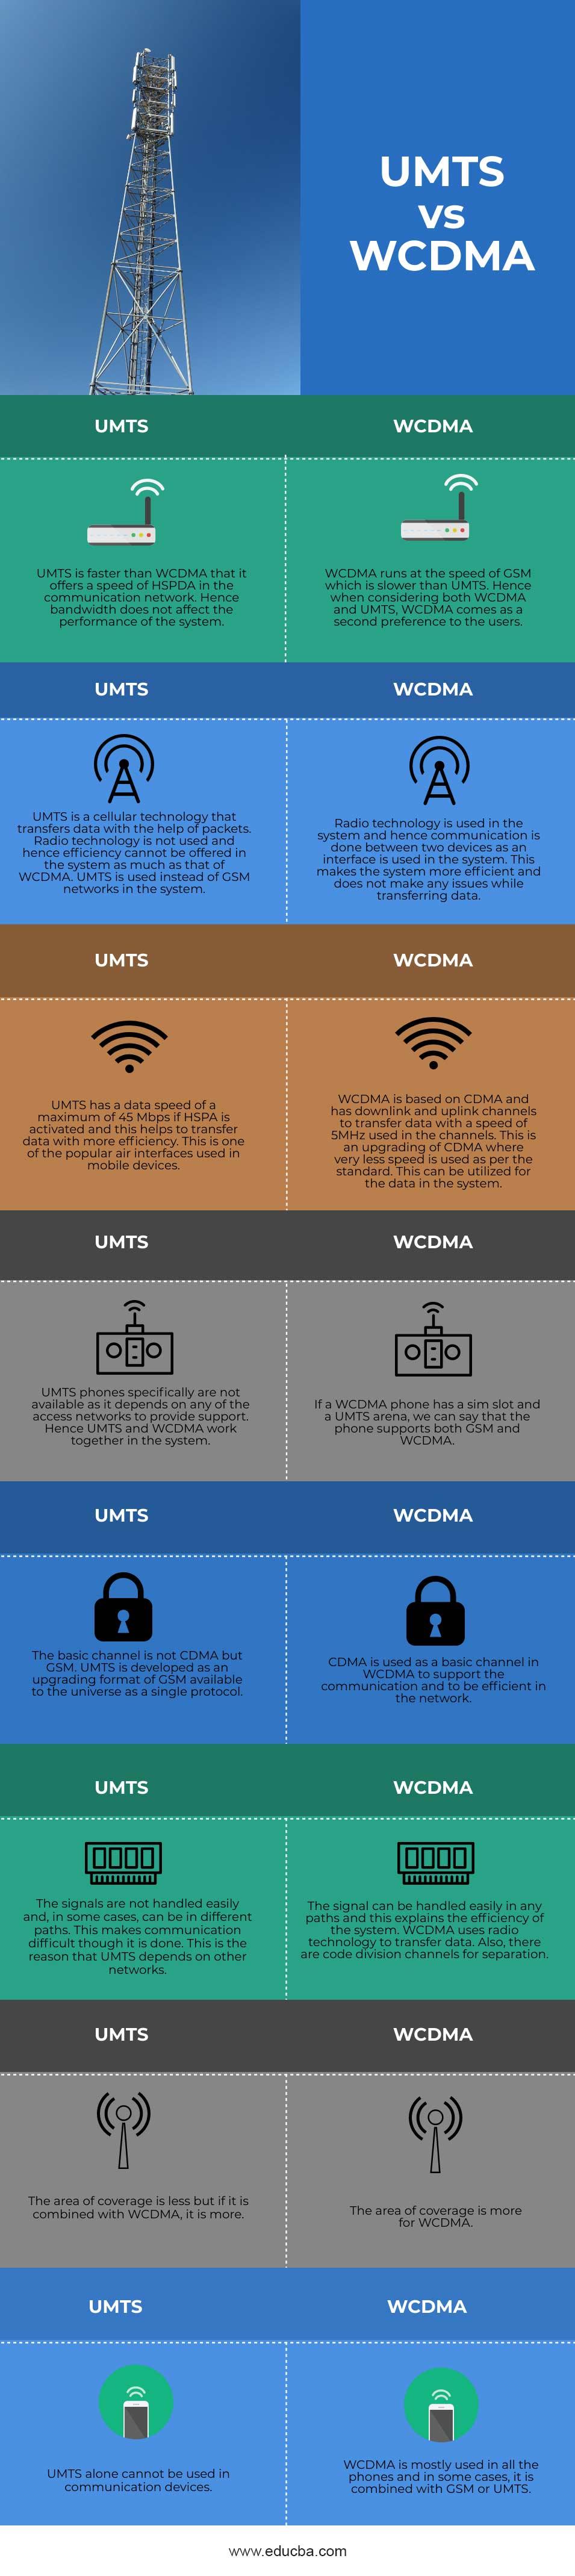 UMTS-vs-WCDMA-info